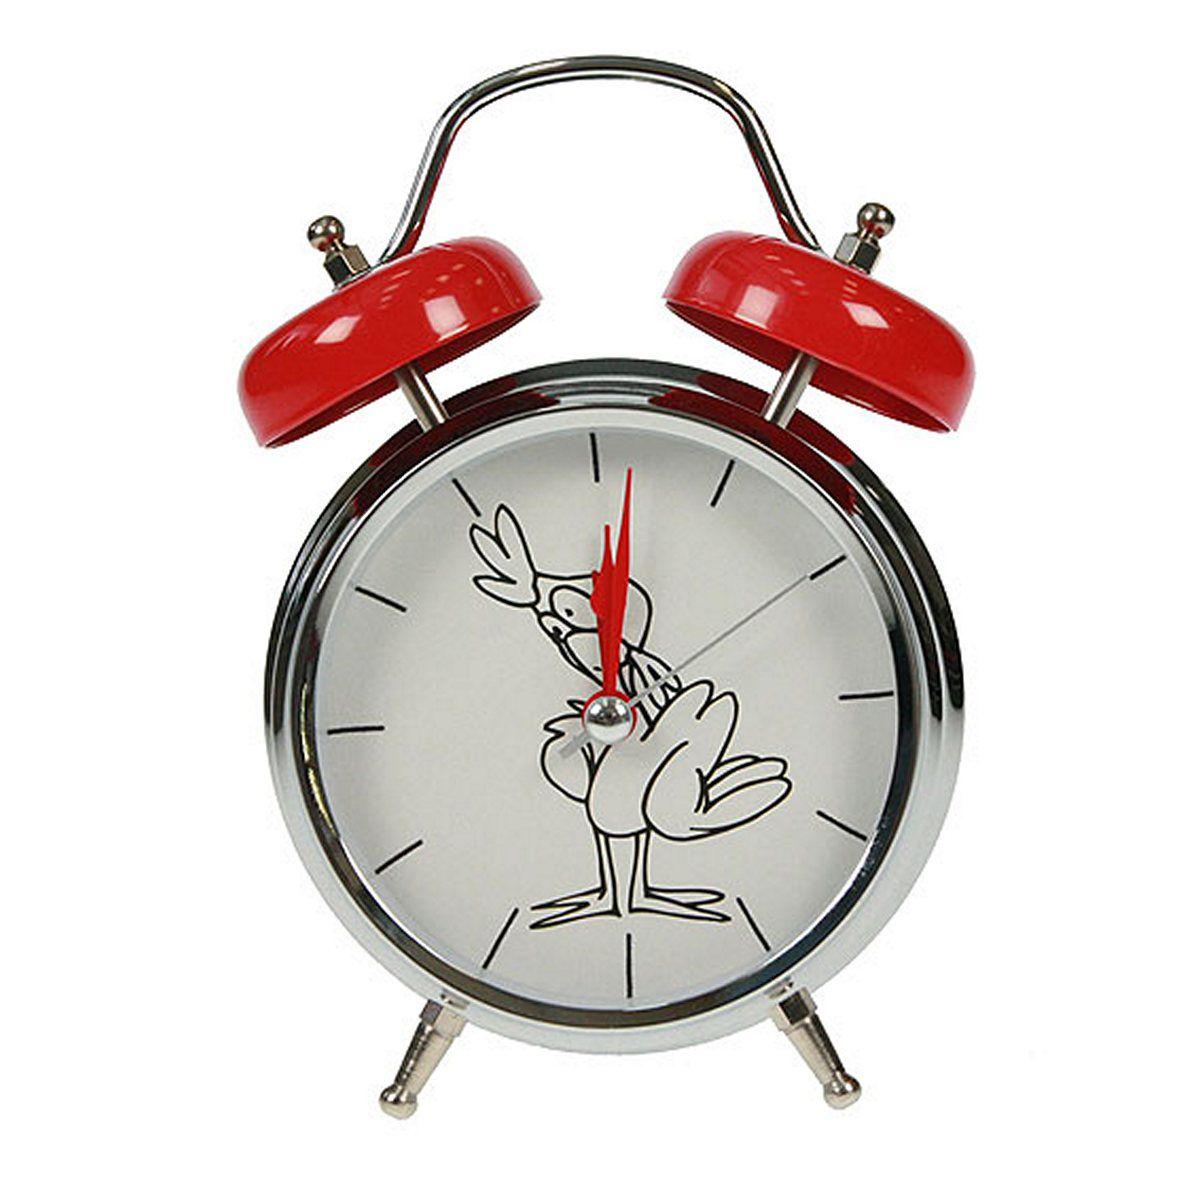 Часы настольные Русские Подарки Петух, с функцией будильника, 12 х 6 х 17 см. 232413232413Настольные кварцевые часы Русские Подарки Петух изготовлены из металла, циферблат защищен стеклом. Оригинальное оформление в виде смешного петуха поднимет настроение, а благодаря функции будильника вы проснетесь вовремя. Часы имеют три стрелки - часовую, минутную и секундную. Такие часы украсят интерьер дома или рабочий стол в офисе. Также часы могут стать уникальным, полезным подарком для родственников, коллег, знакомых и близких. Часы работают от батареек типа АА (в комплект не входят).